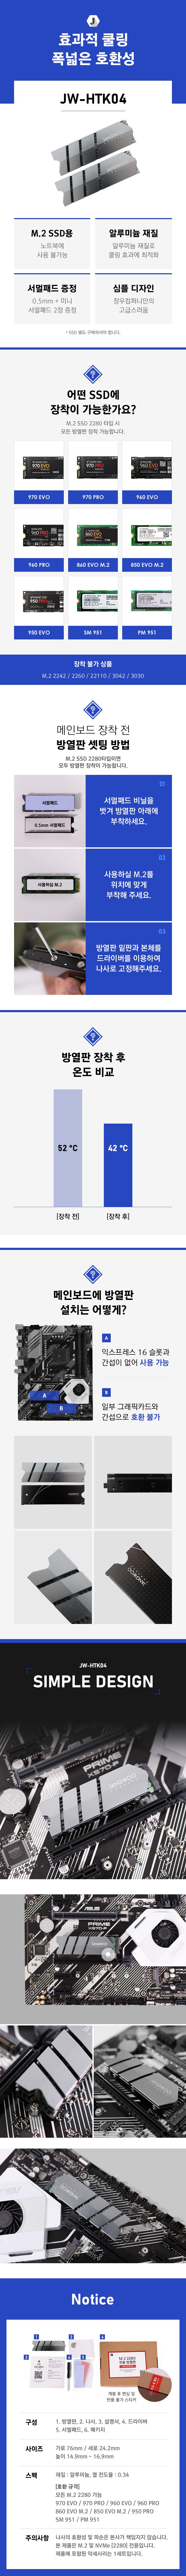 장우컴퍼니 JW-HTK04 M.2 SSD 방열판 (Gray)